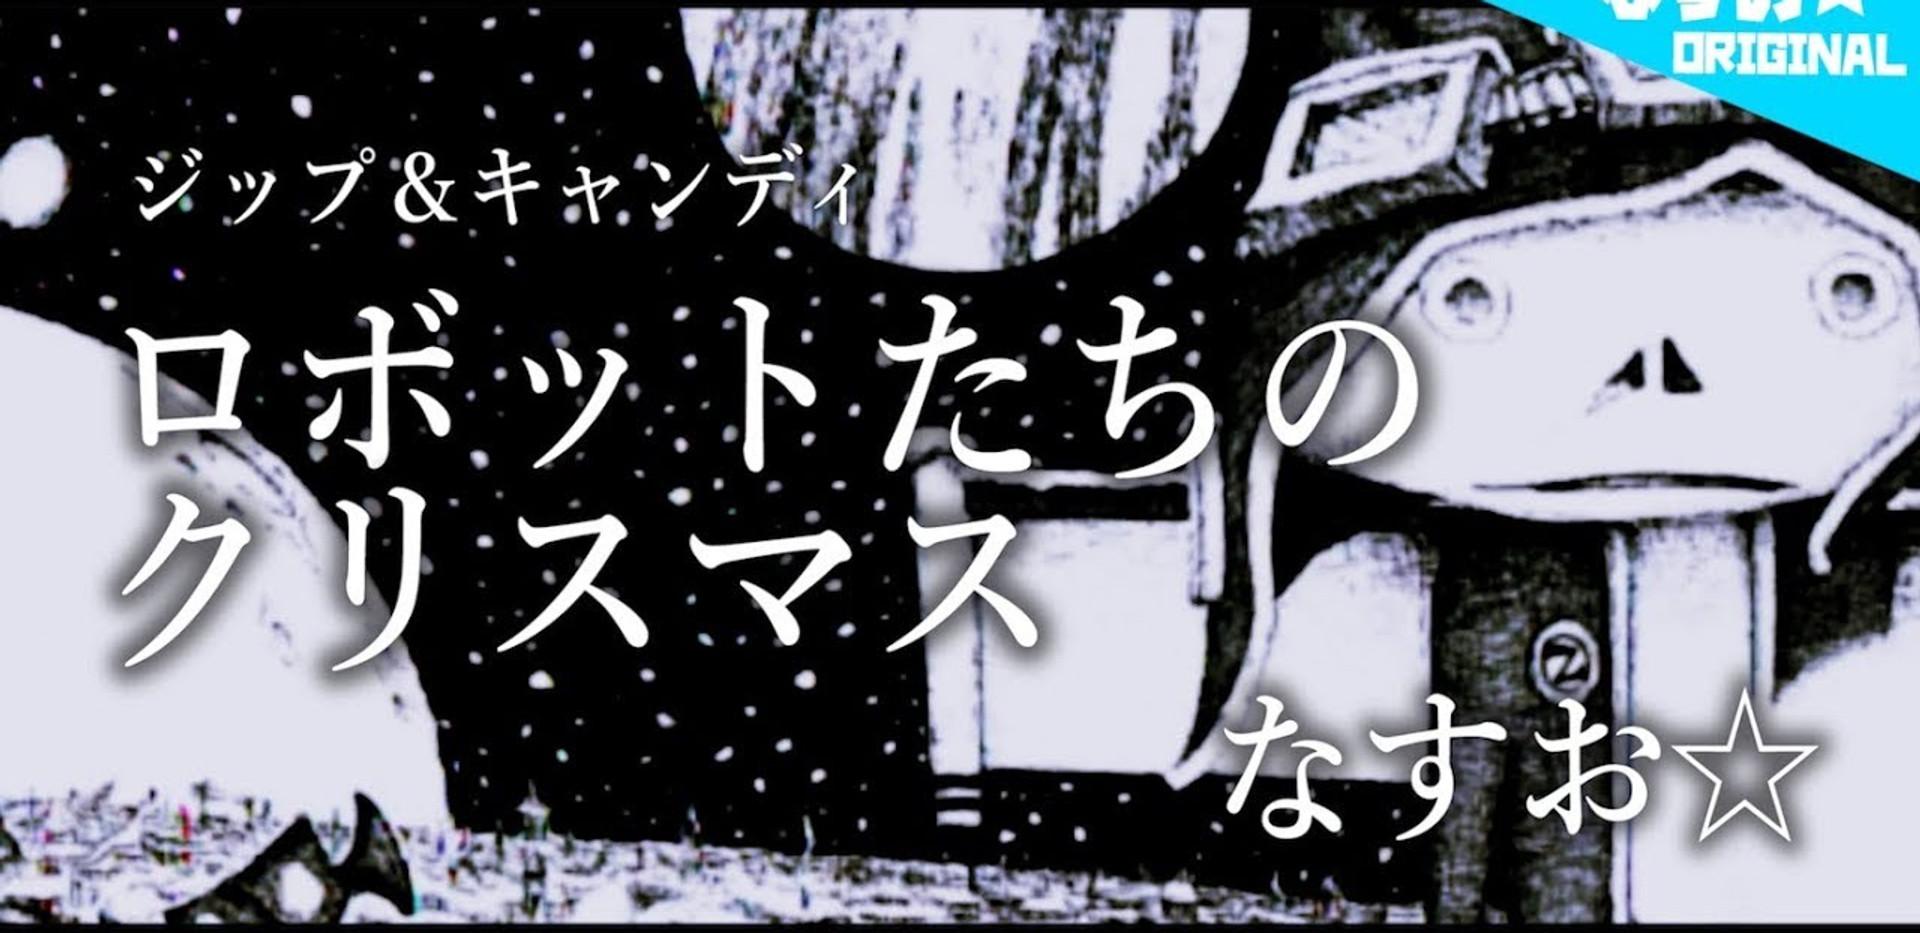 ジップ&キャンディ ロボットたちのクリスマス MV